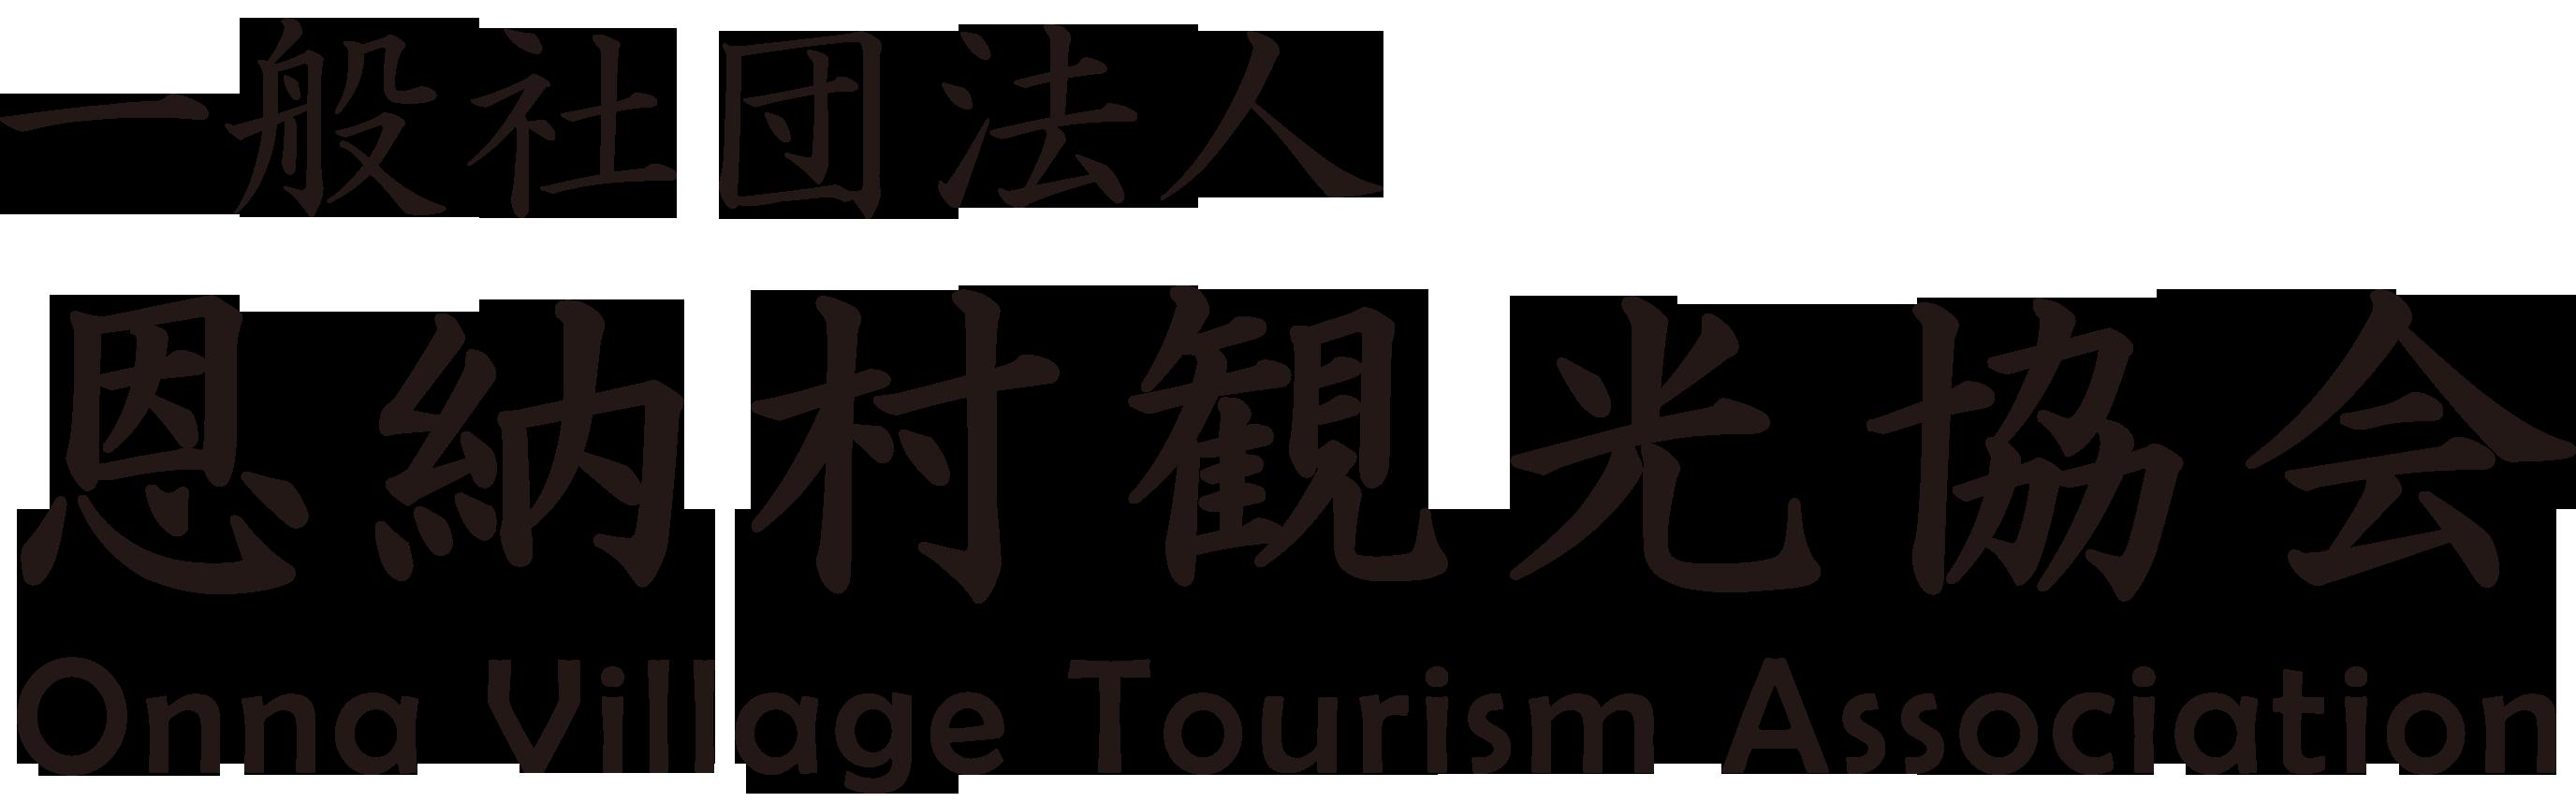 恩納村観光協会